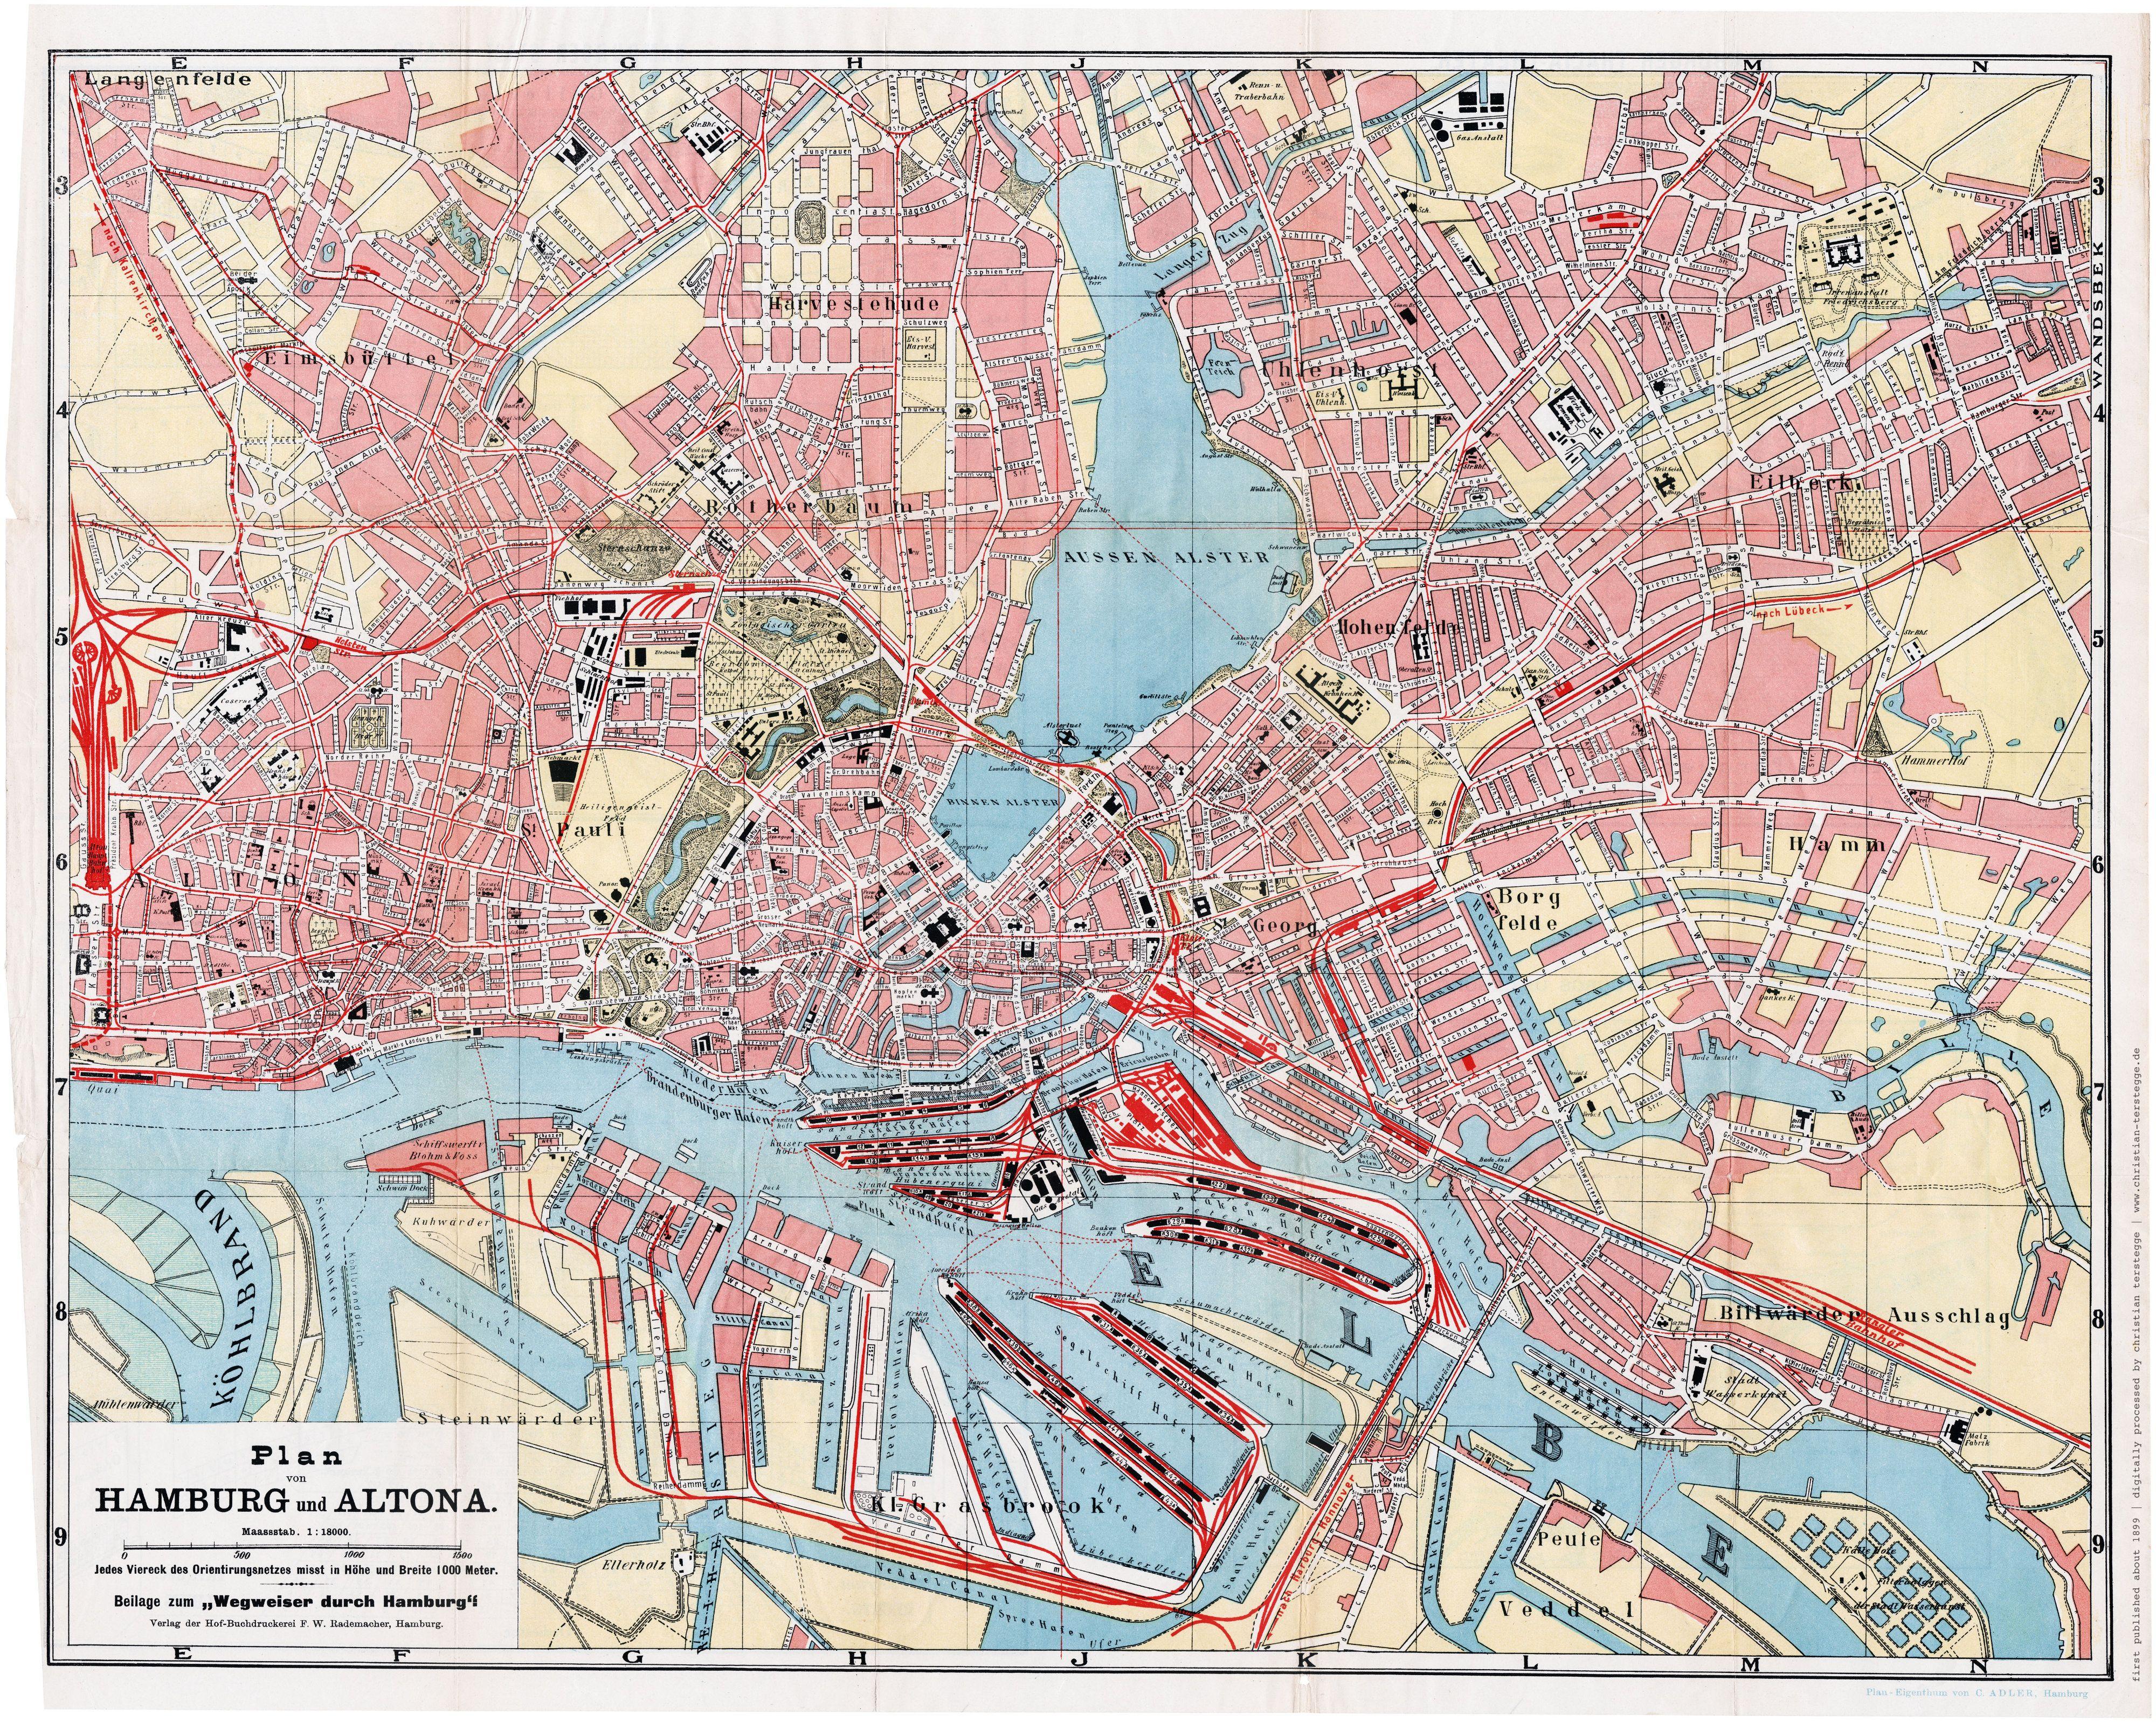 Karte Hamburg 1899 Plan Von Hamburg Und Altona C Adler Verlag